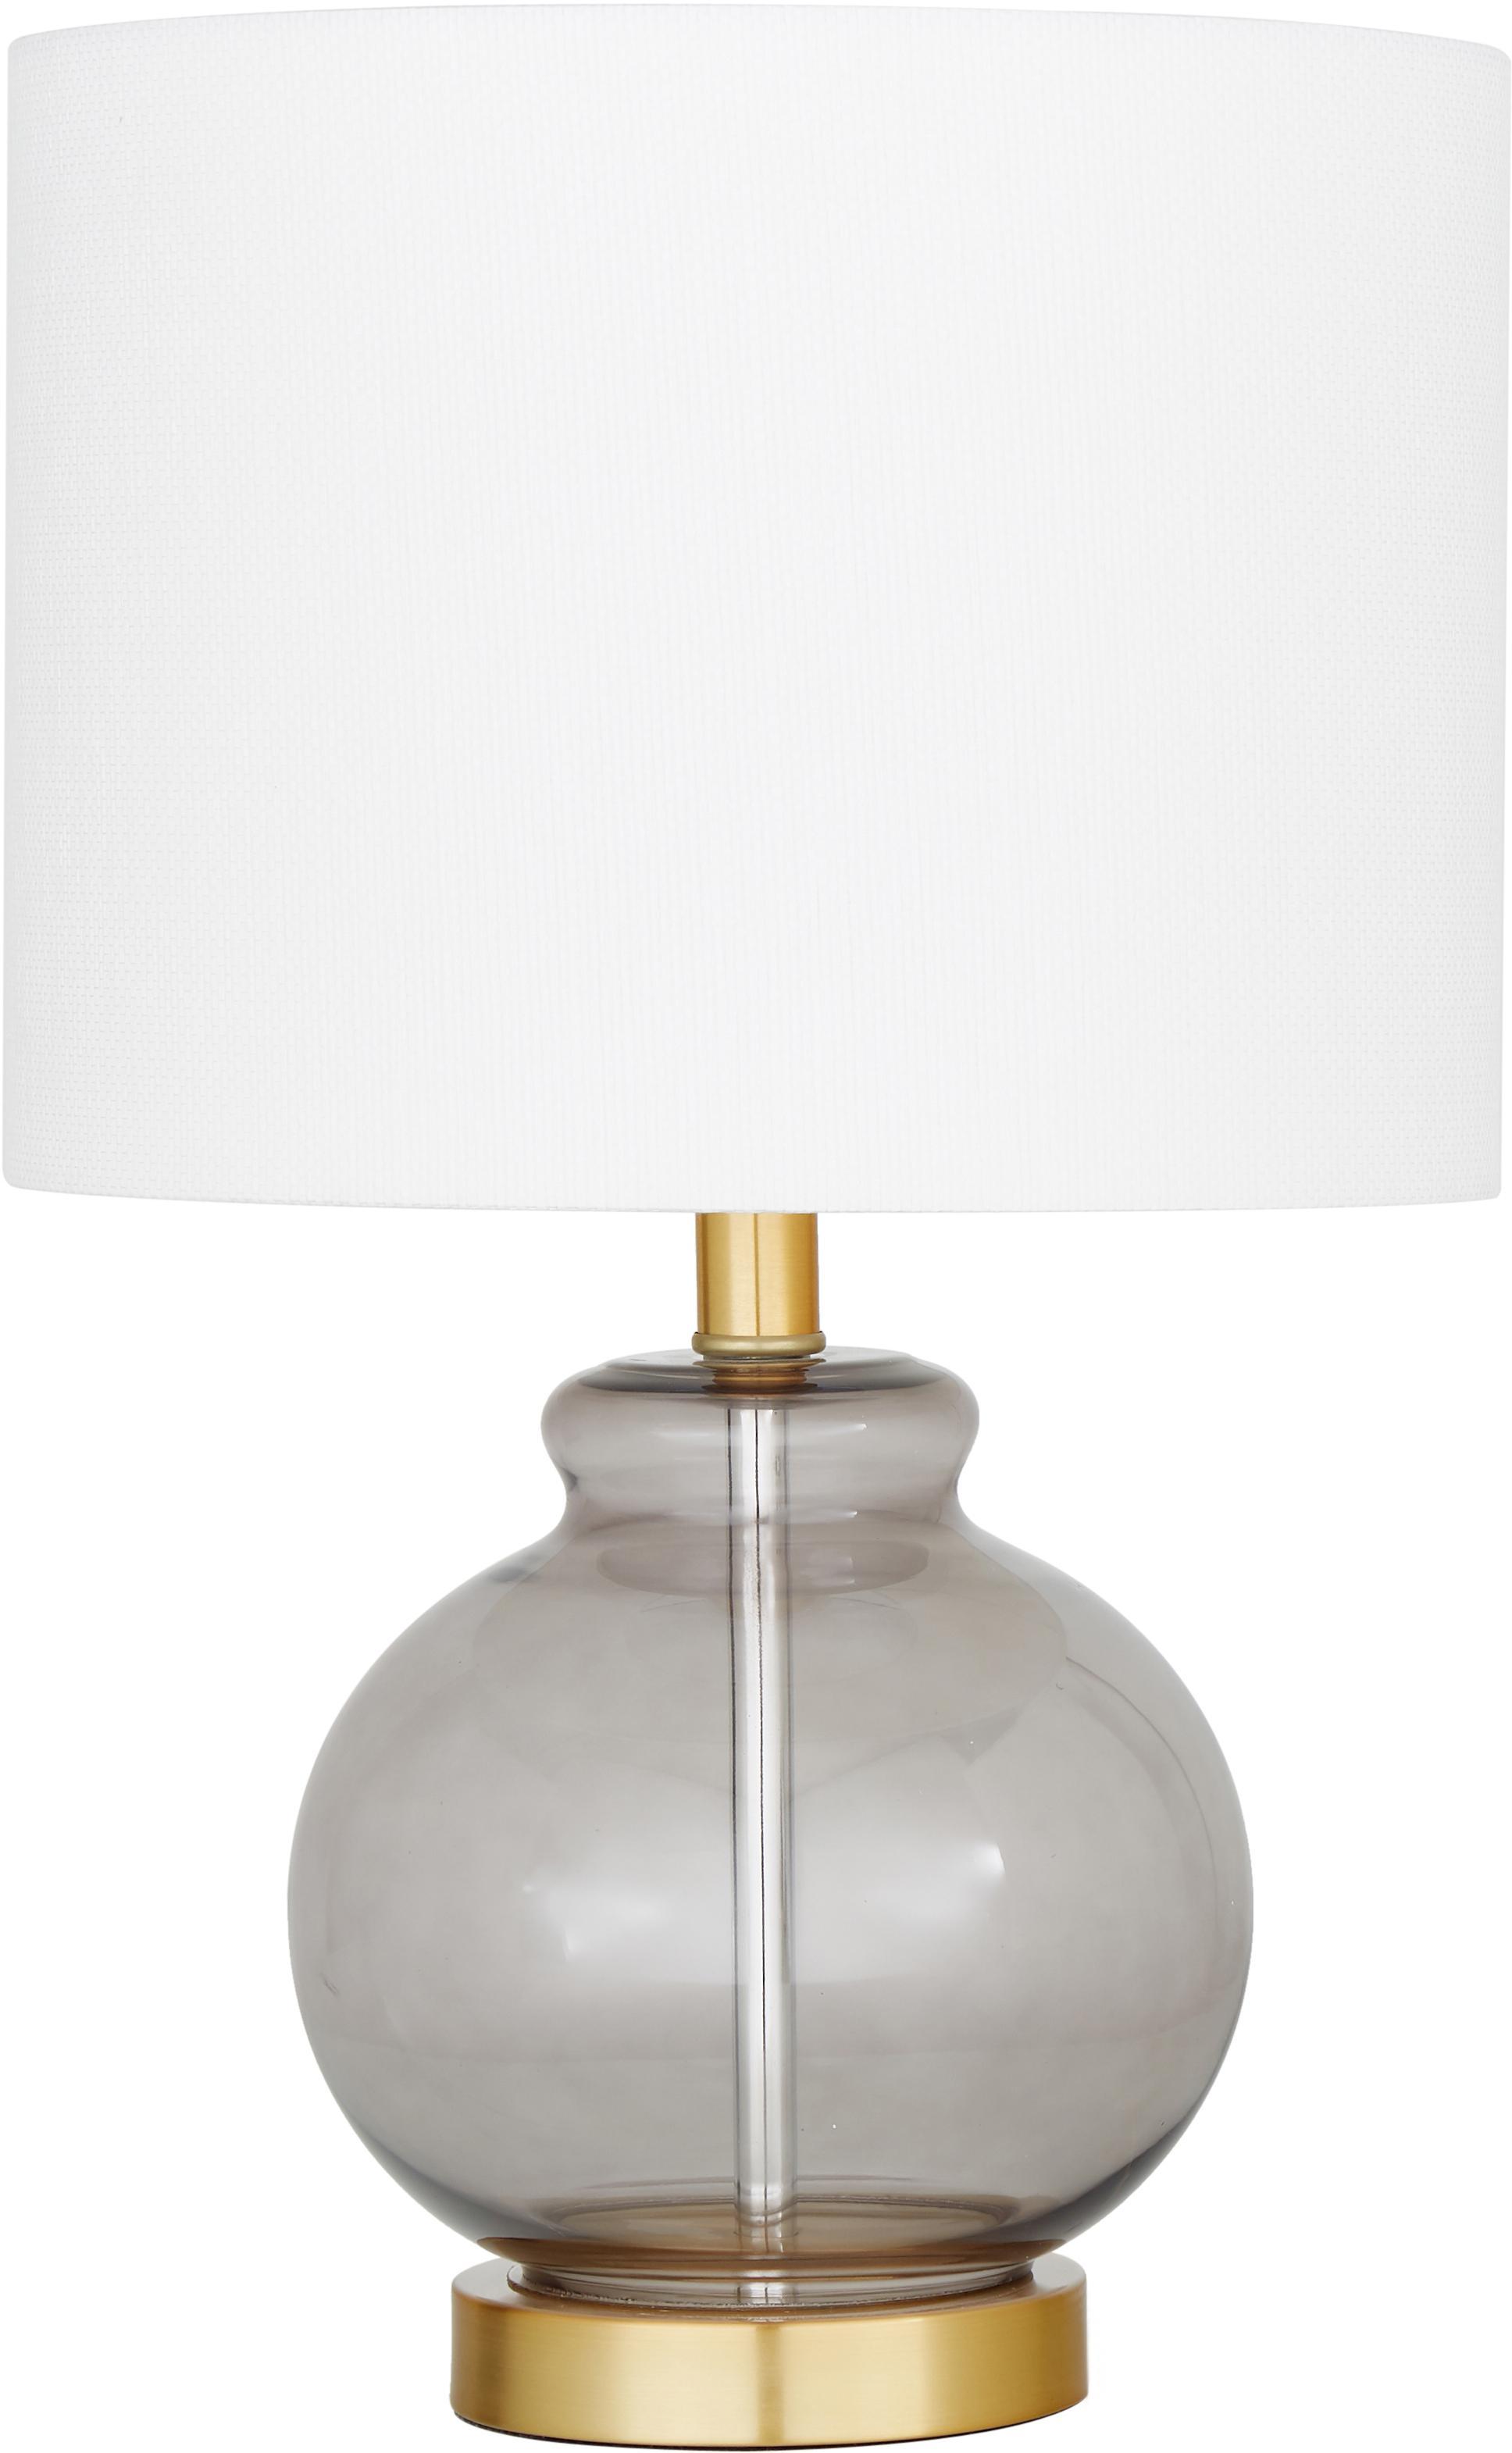 Lampada da tavolo Natty, Paralume: tessuto, Base della lampada: vetro, ottone spazzolato, Bianco, blu grigio, trasparente, Ø 31 x Alt. 48 cm